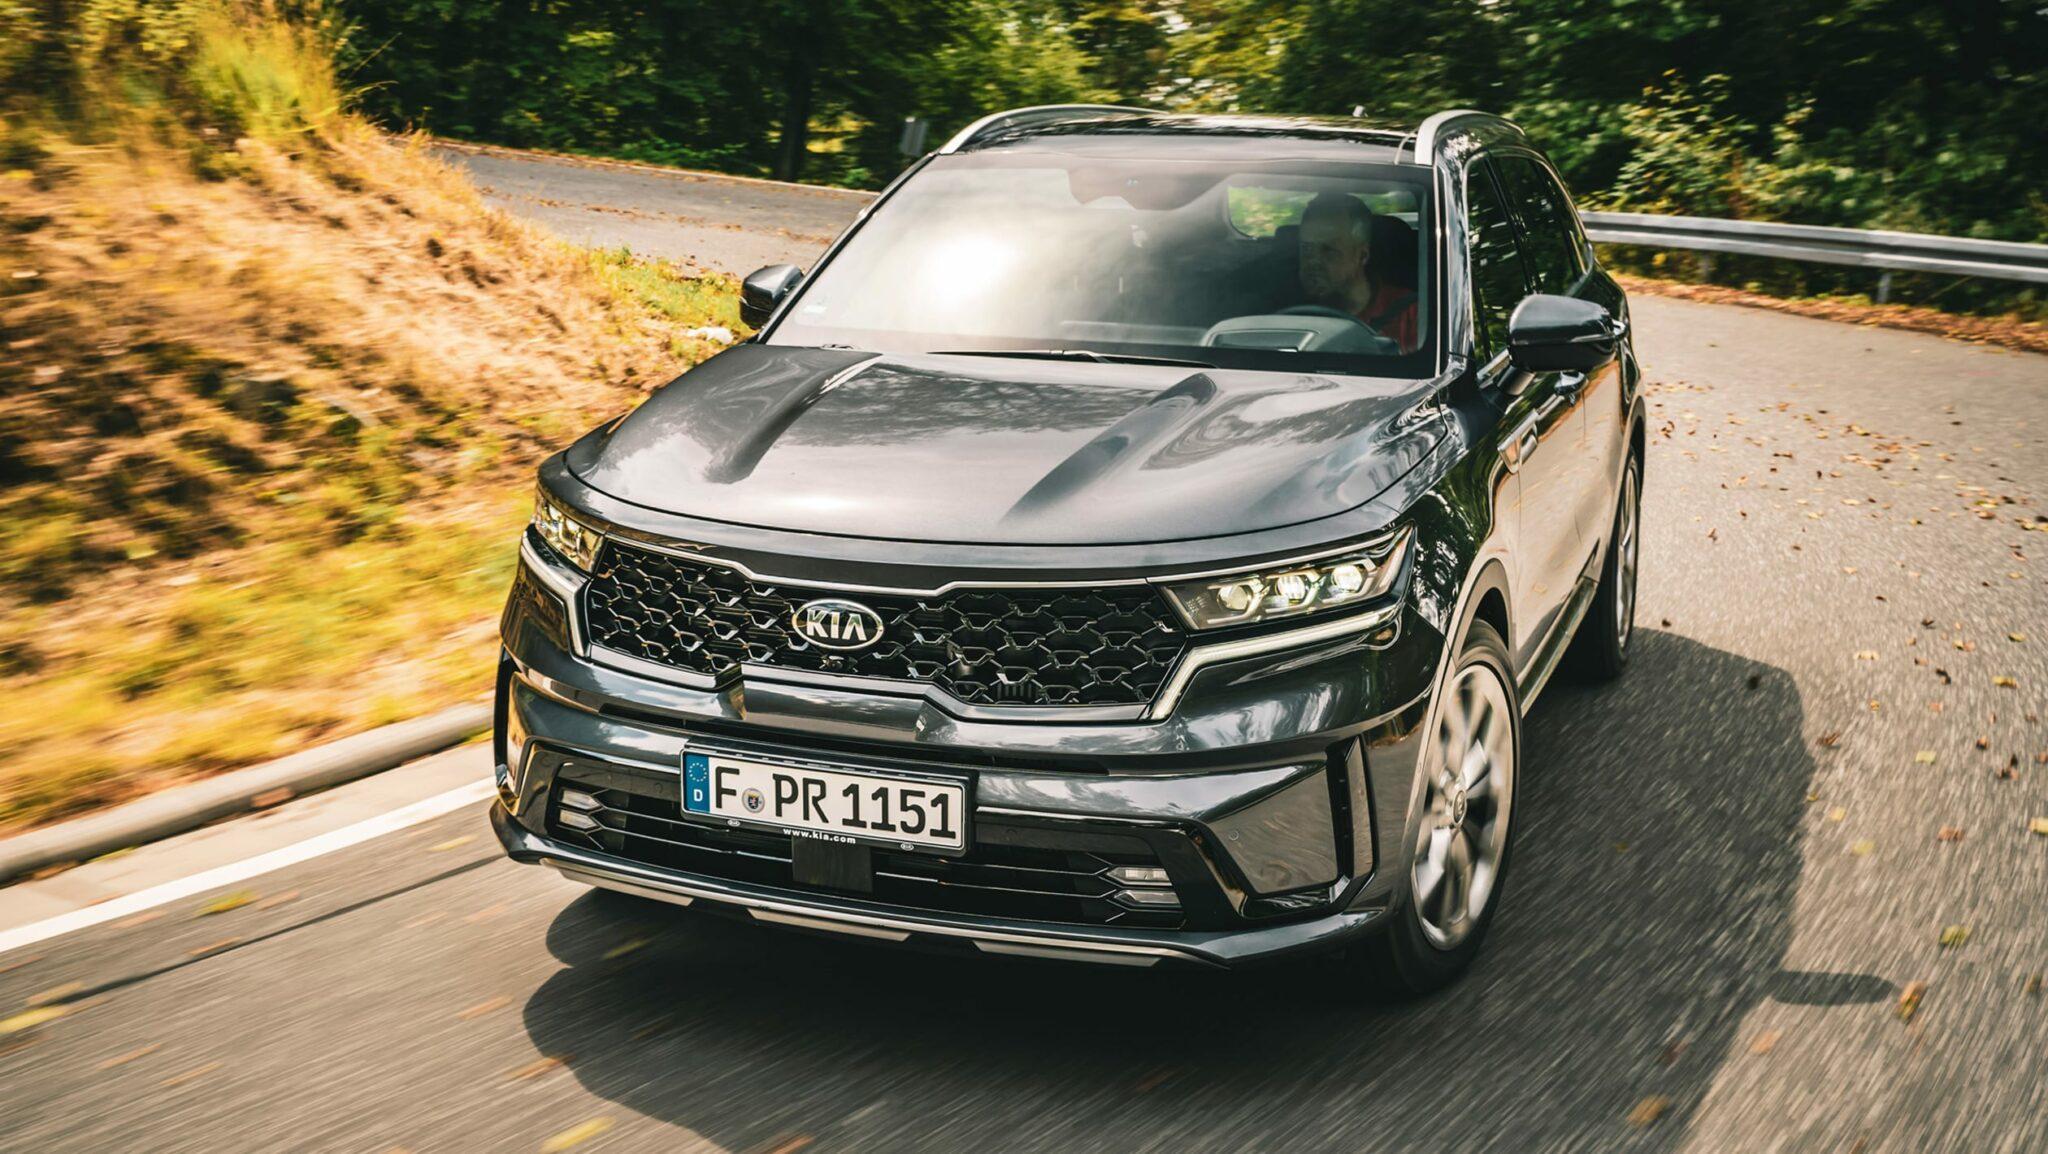 2021 Kia Sorento Review - Automotive Daily